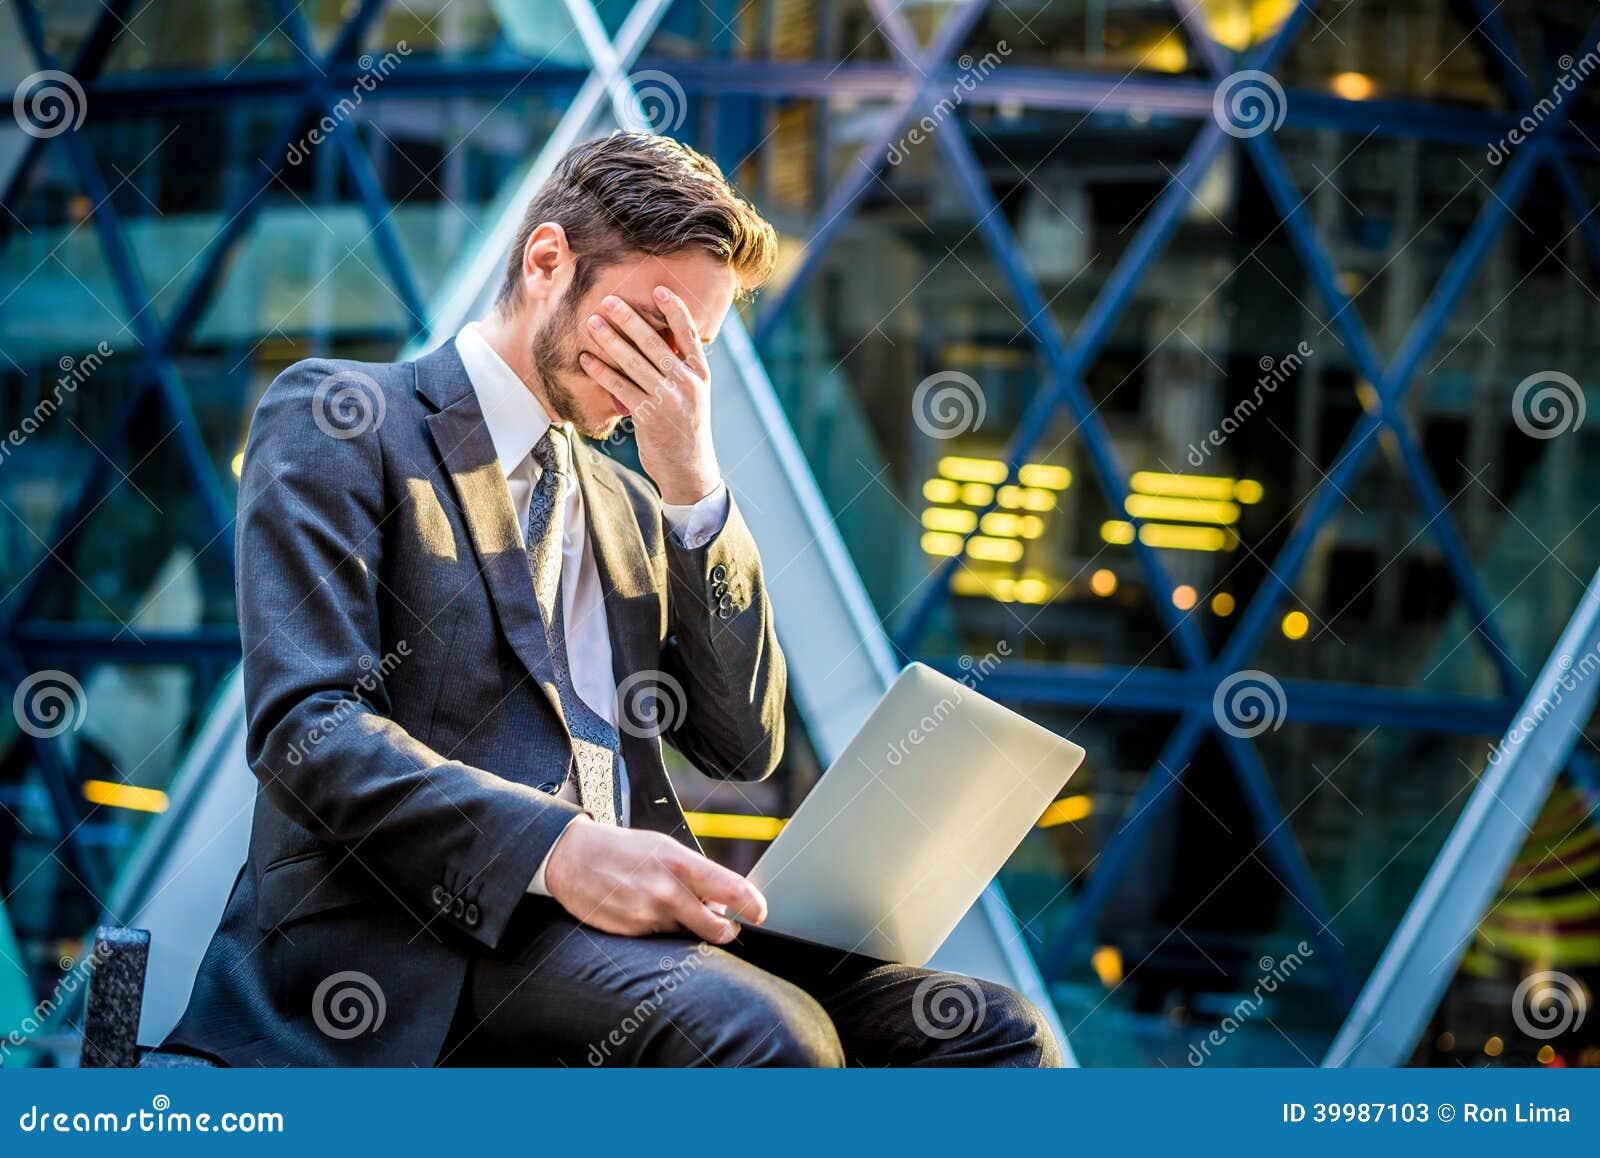 Ματαιωμένος επιχειρηματίας στο φορητό προσωπικό υπολογιστή